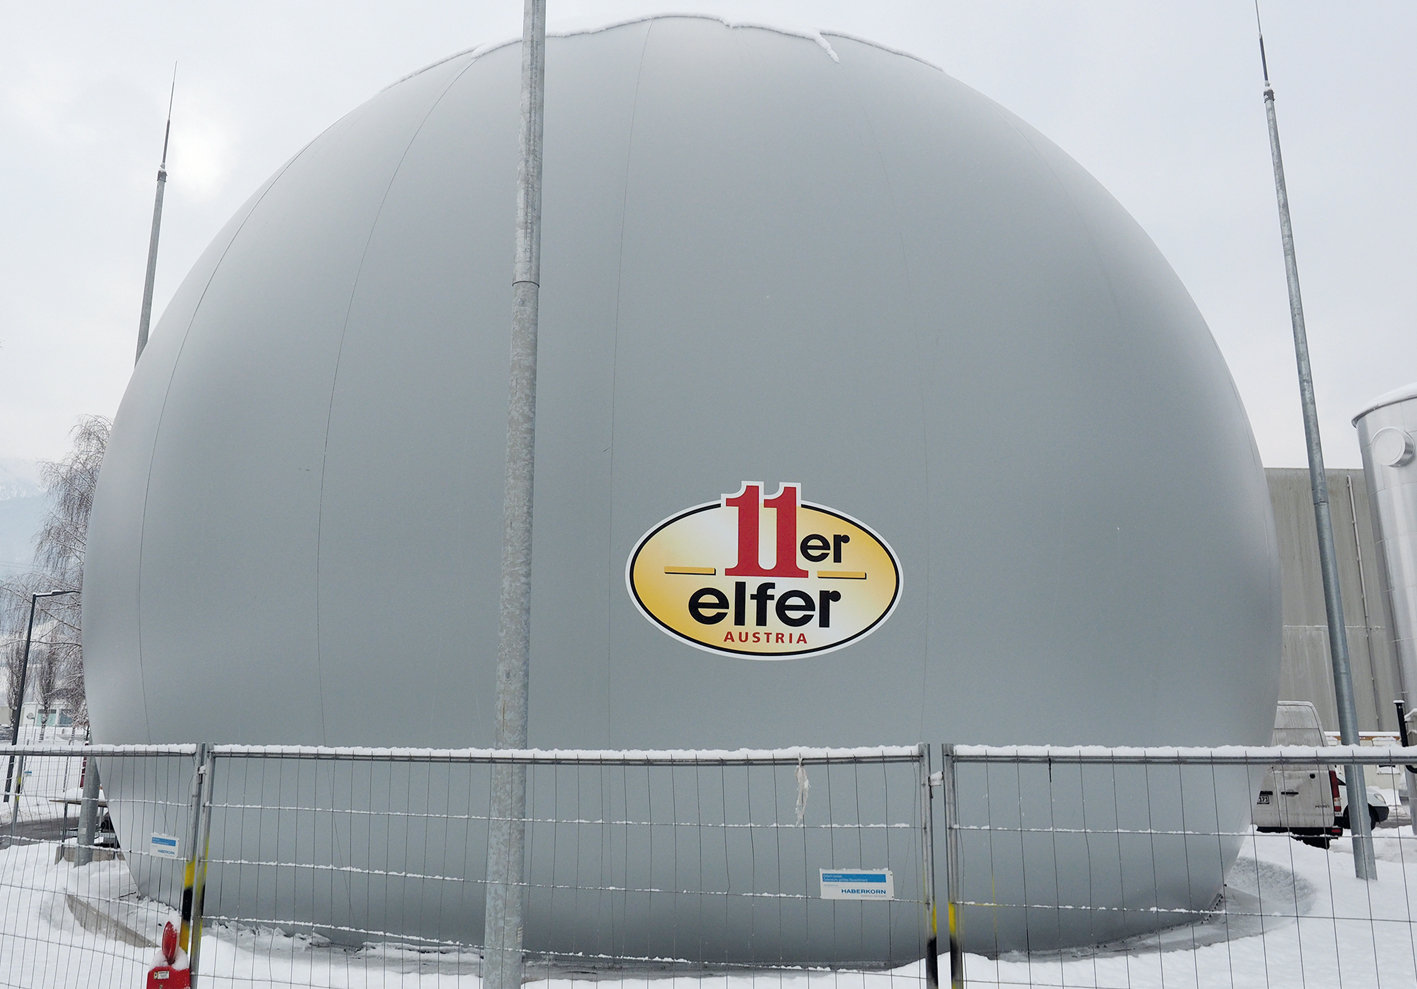 """Für das 11er Führungsduo ist es deswegen """"logisch"""", diese Natur zu schützen. Einen Meilenstein zur Klimaneutralität bringt die neue Biogasanlage (Bild: der Gastank)."""